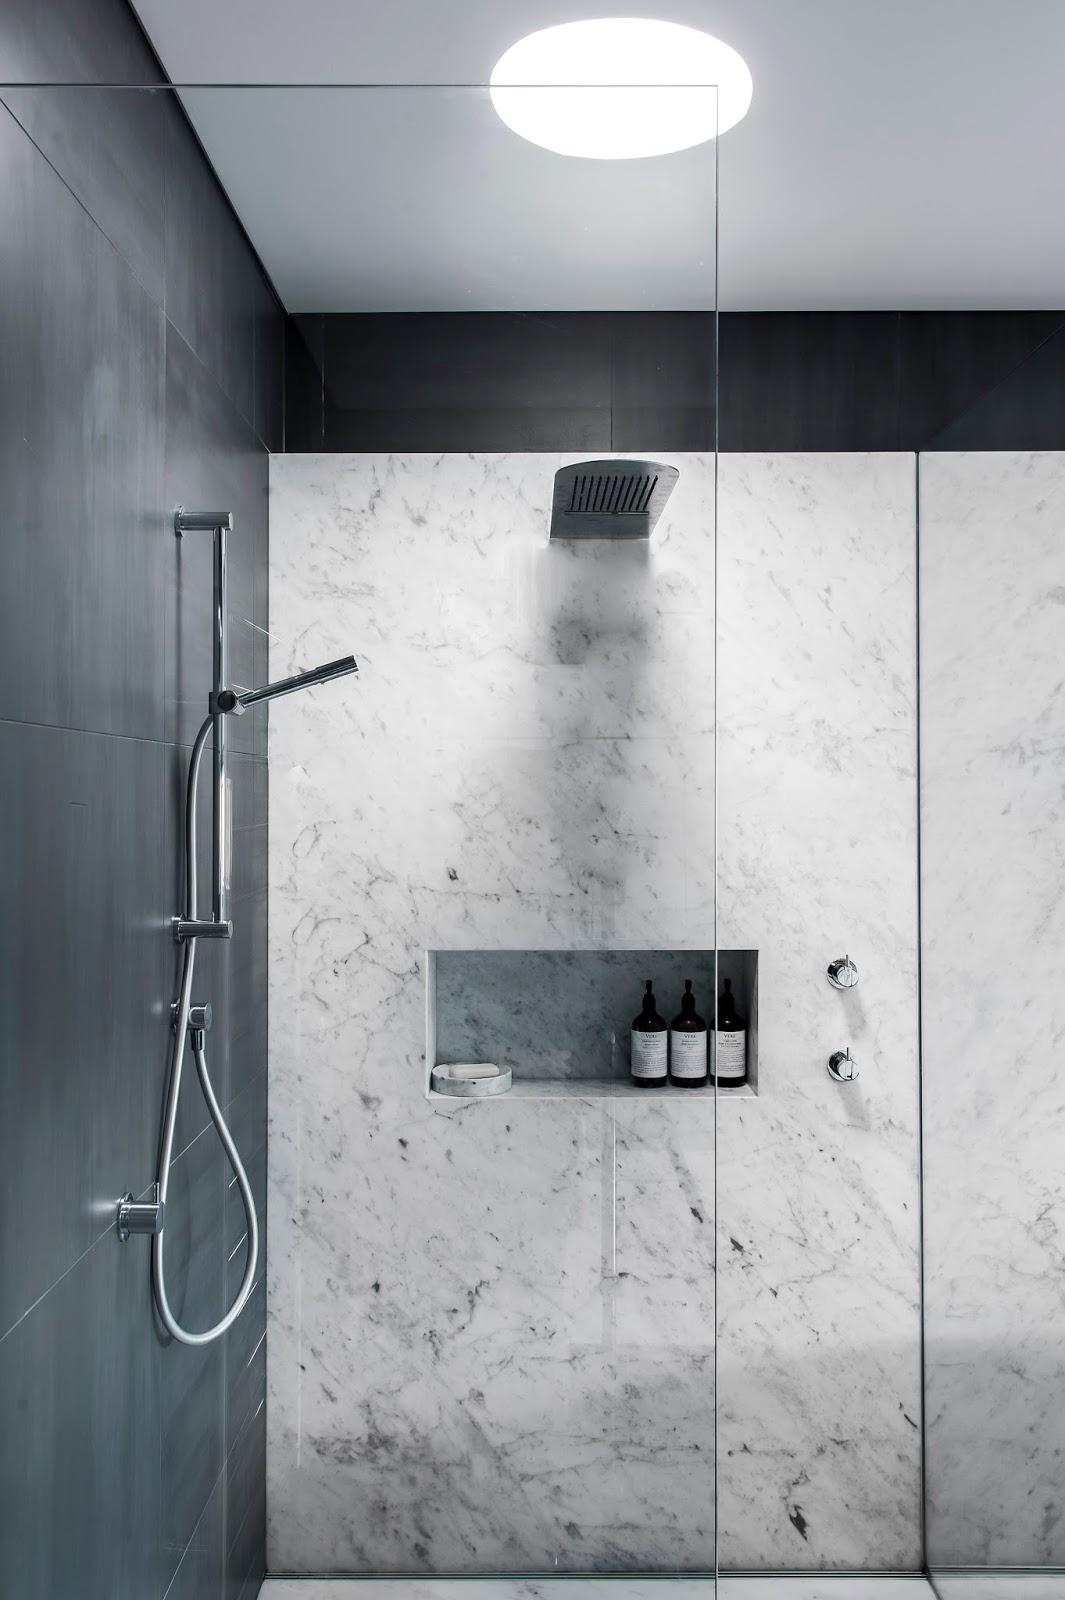 Minosa: Understated elegance creates a stunning bathroom.